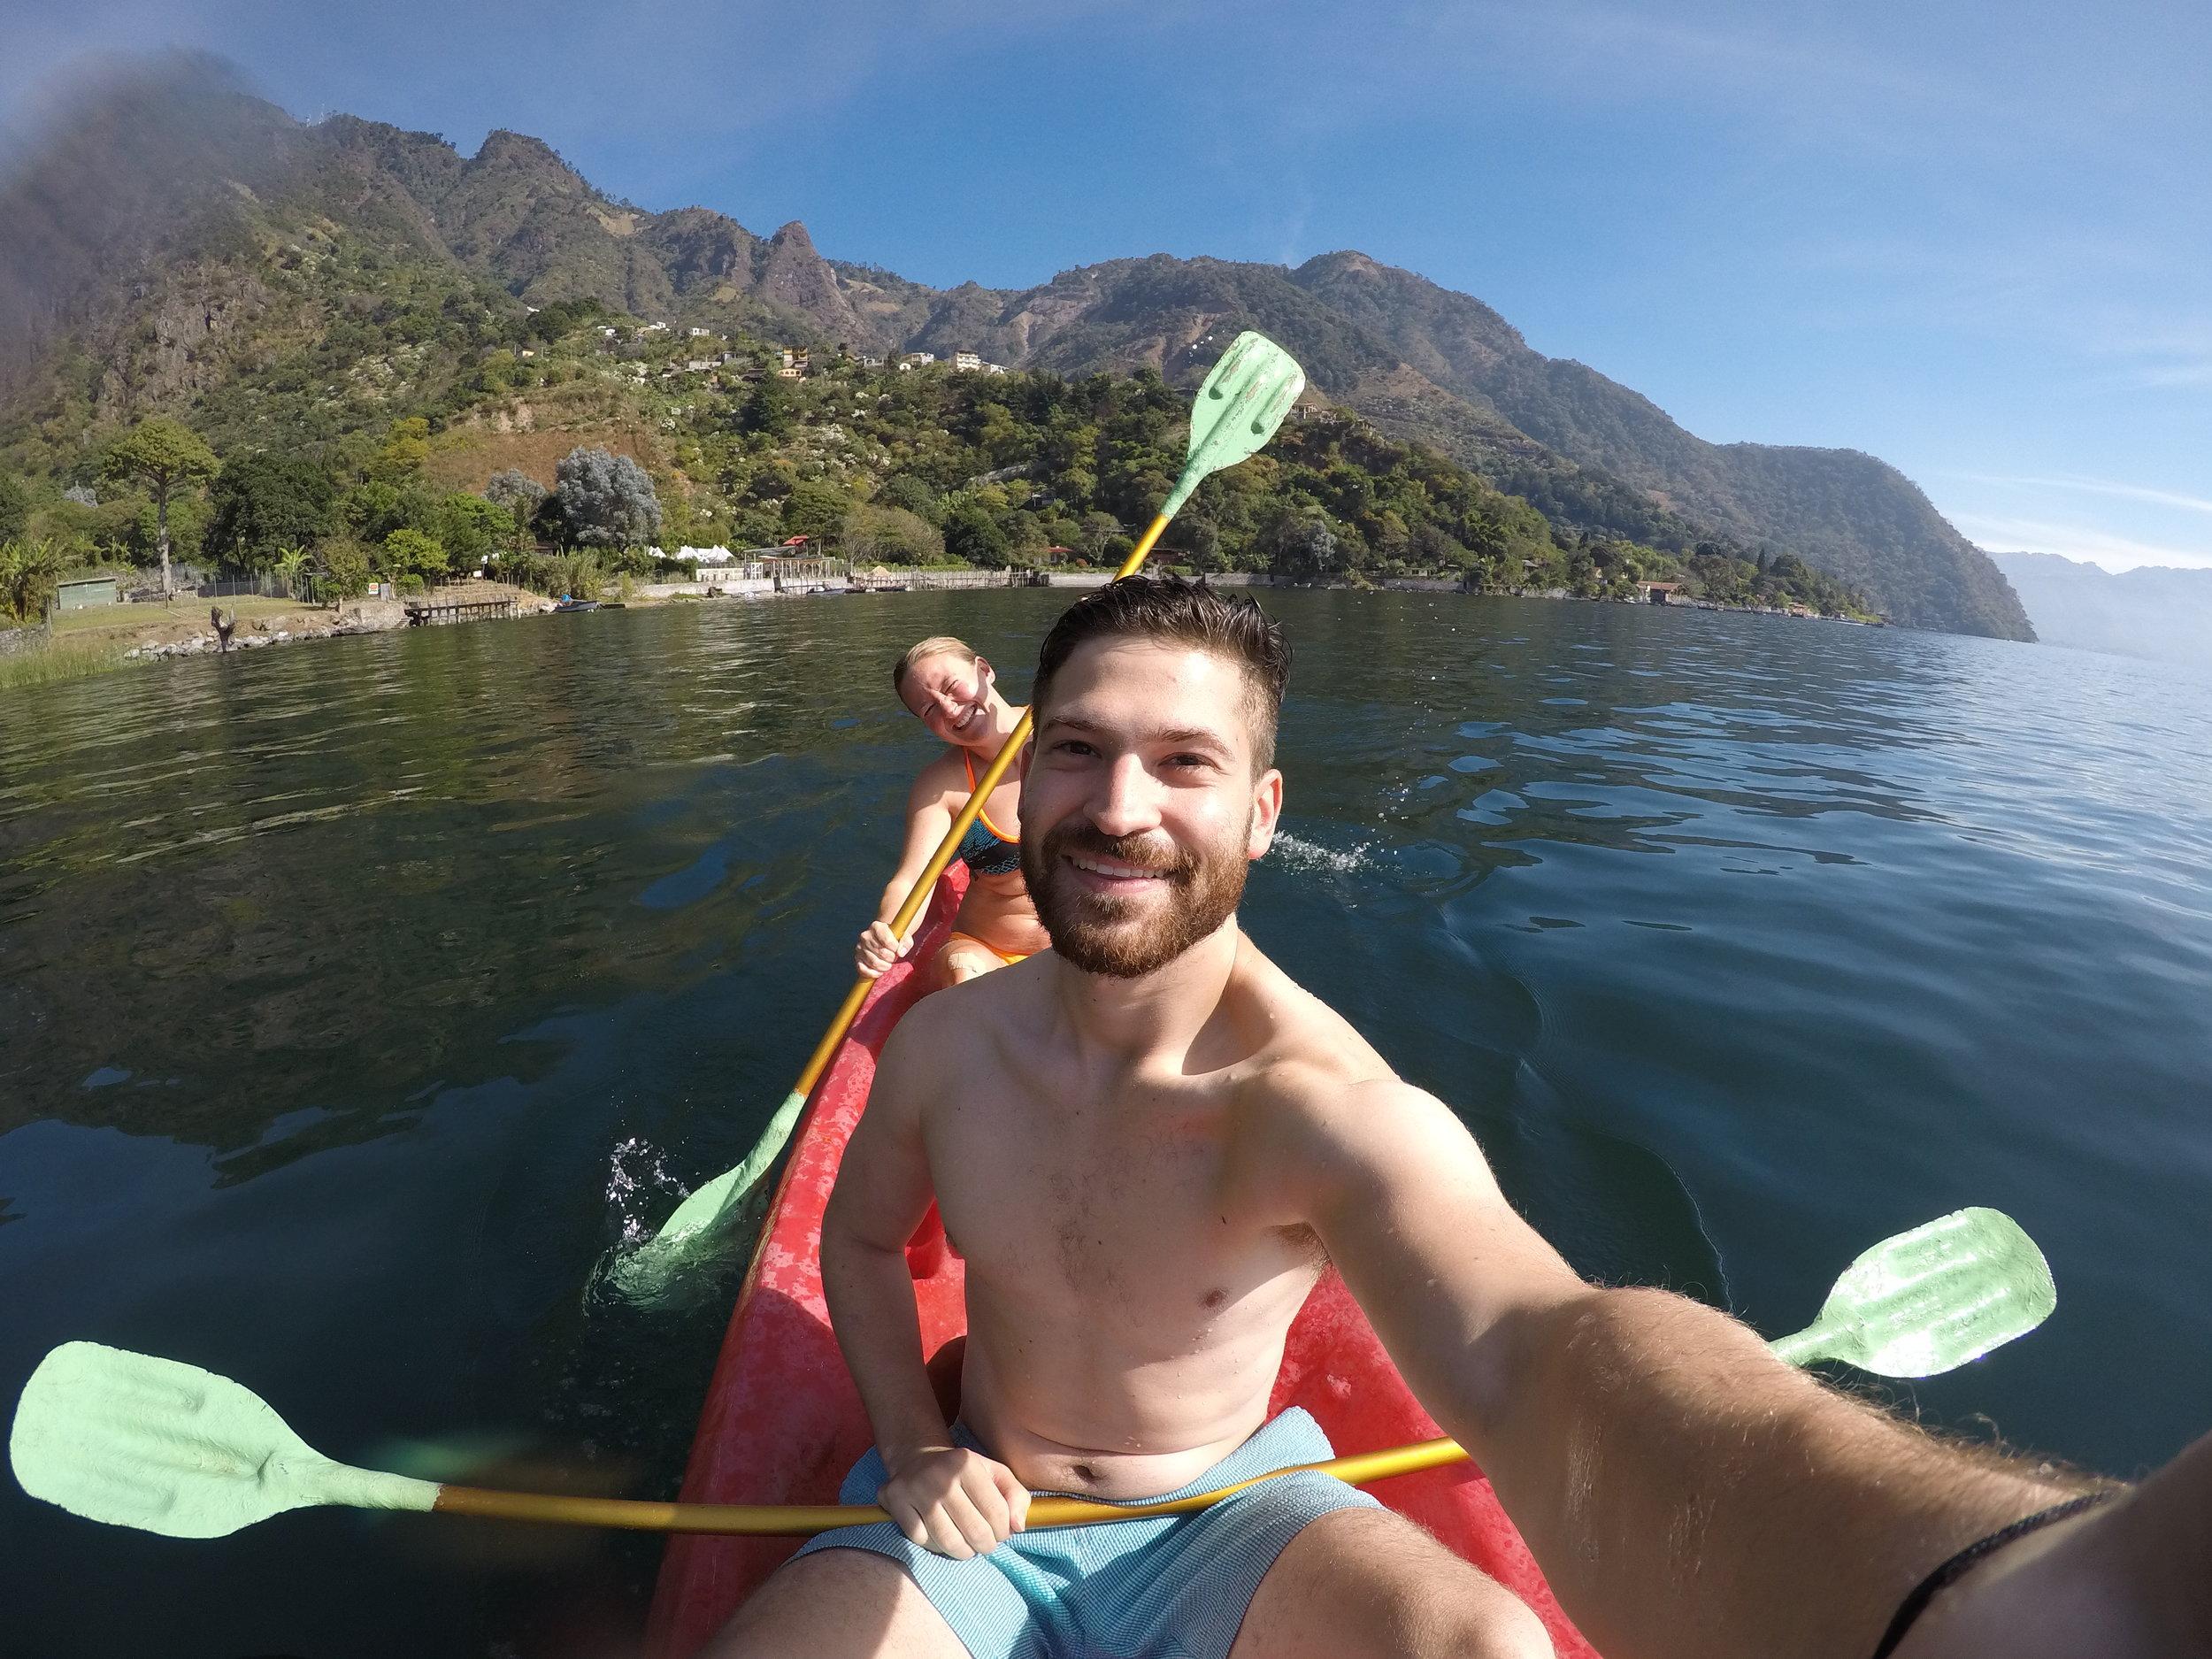 Gilad at Lake Atitlan, Guatemala